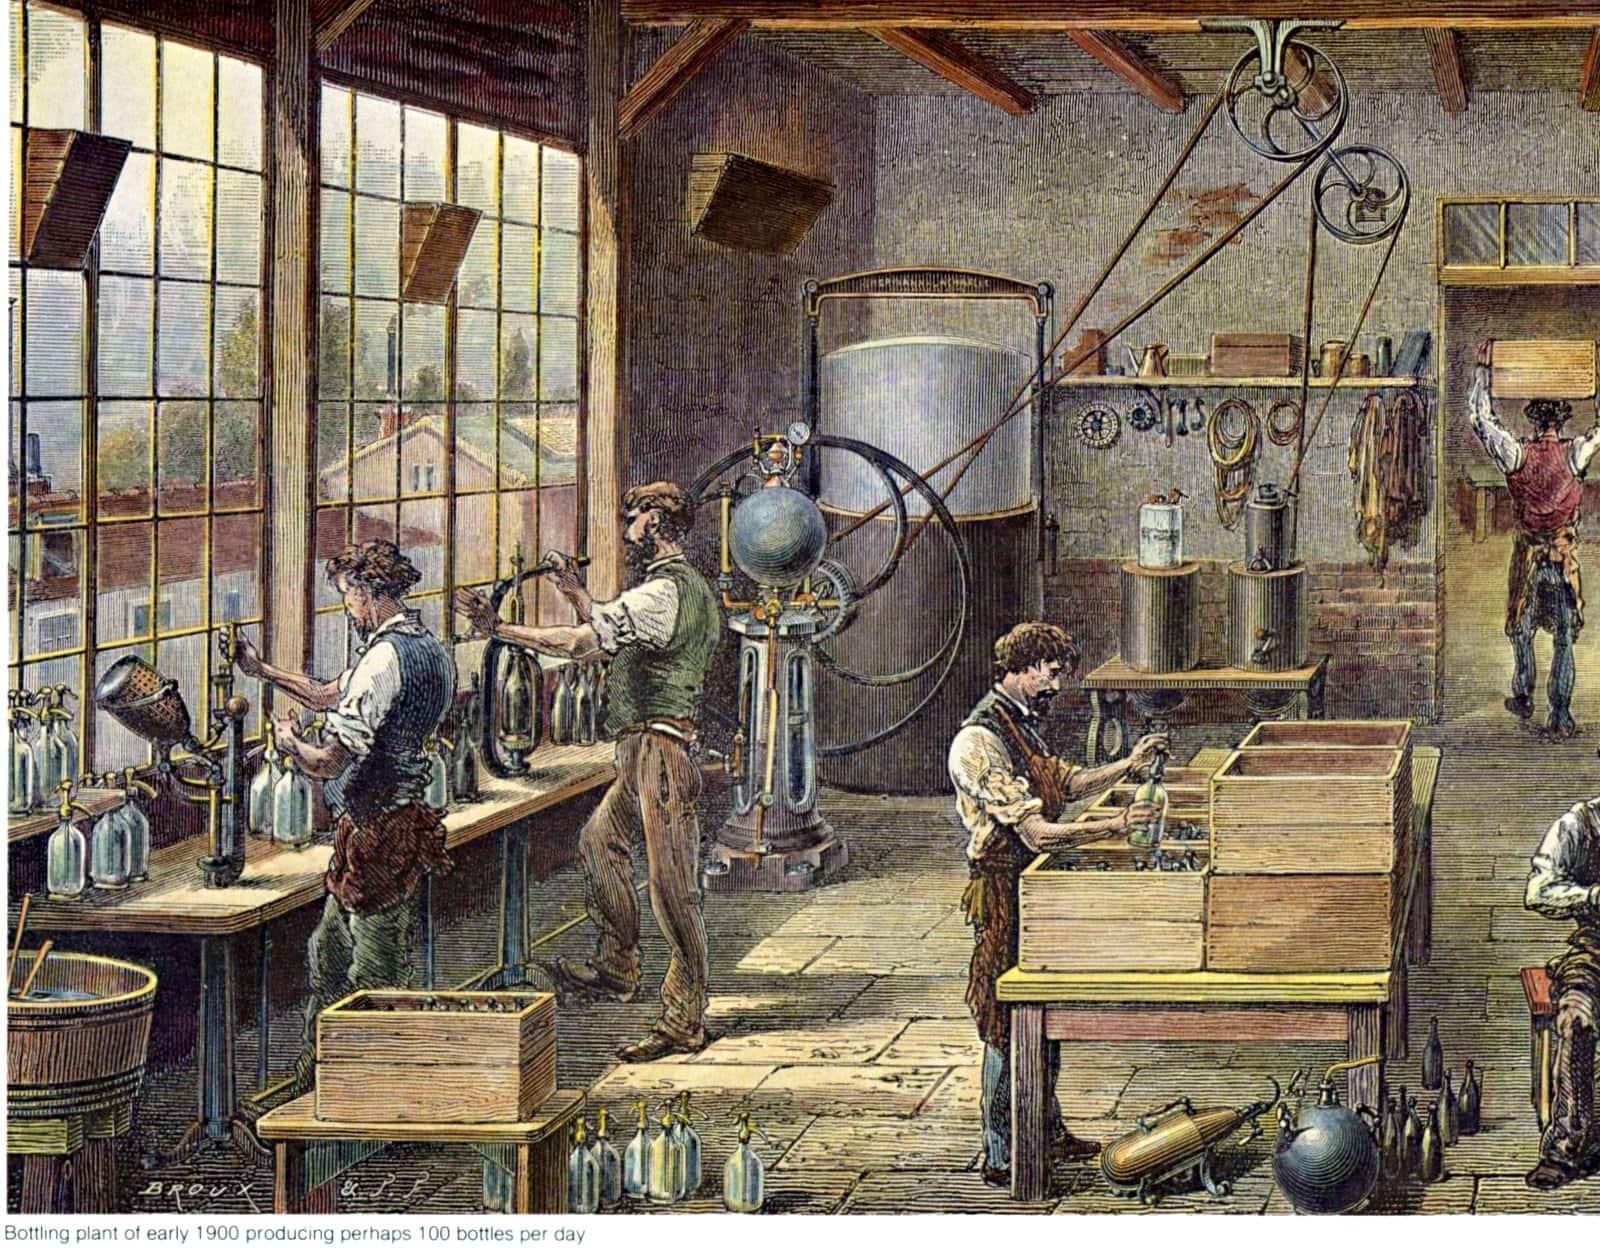 Dr Pepper bottling plant around 1900